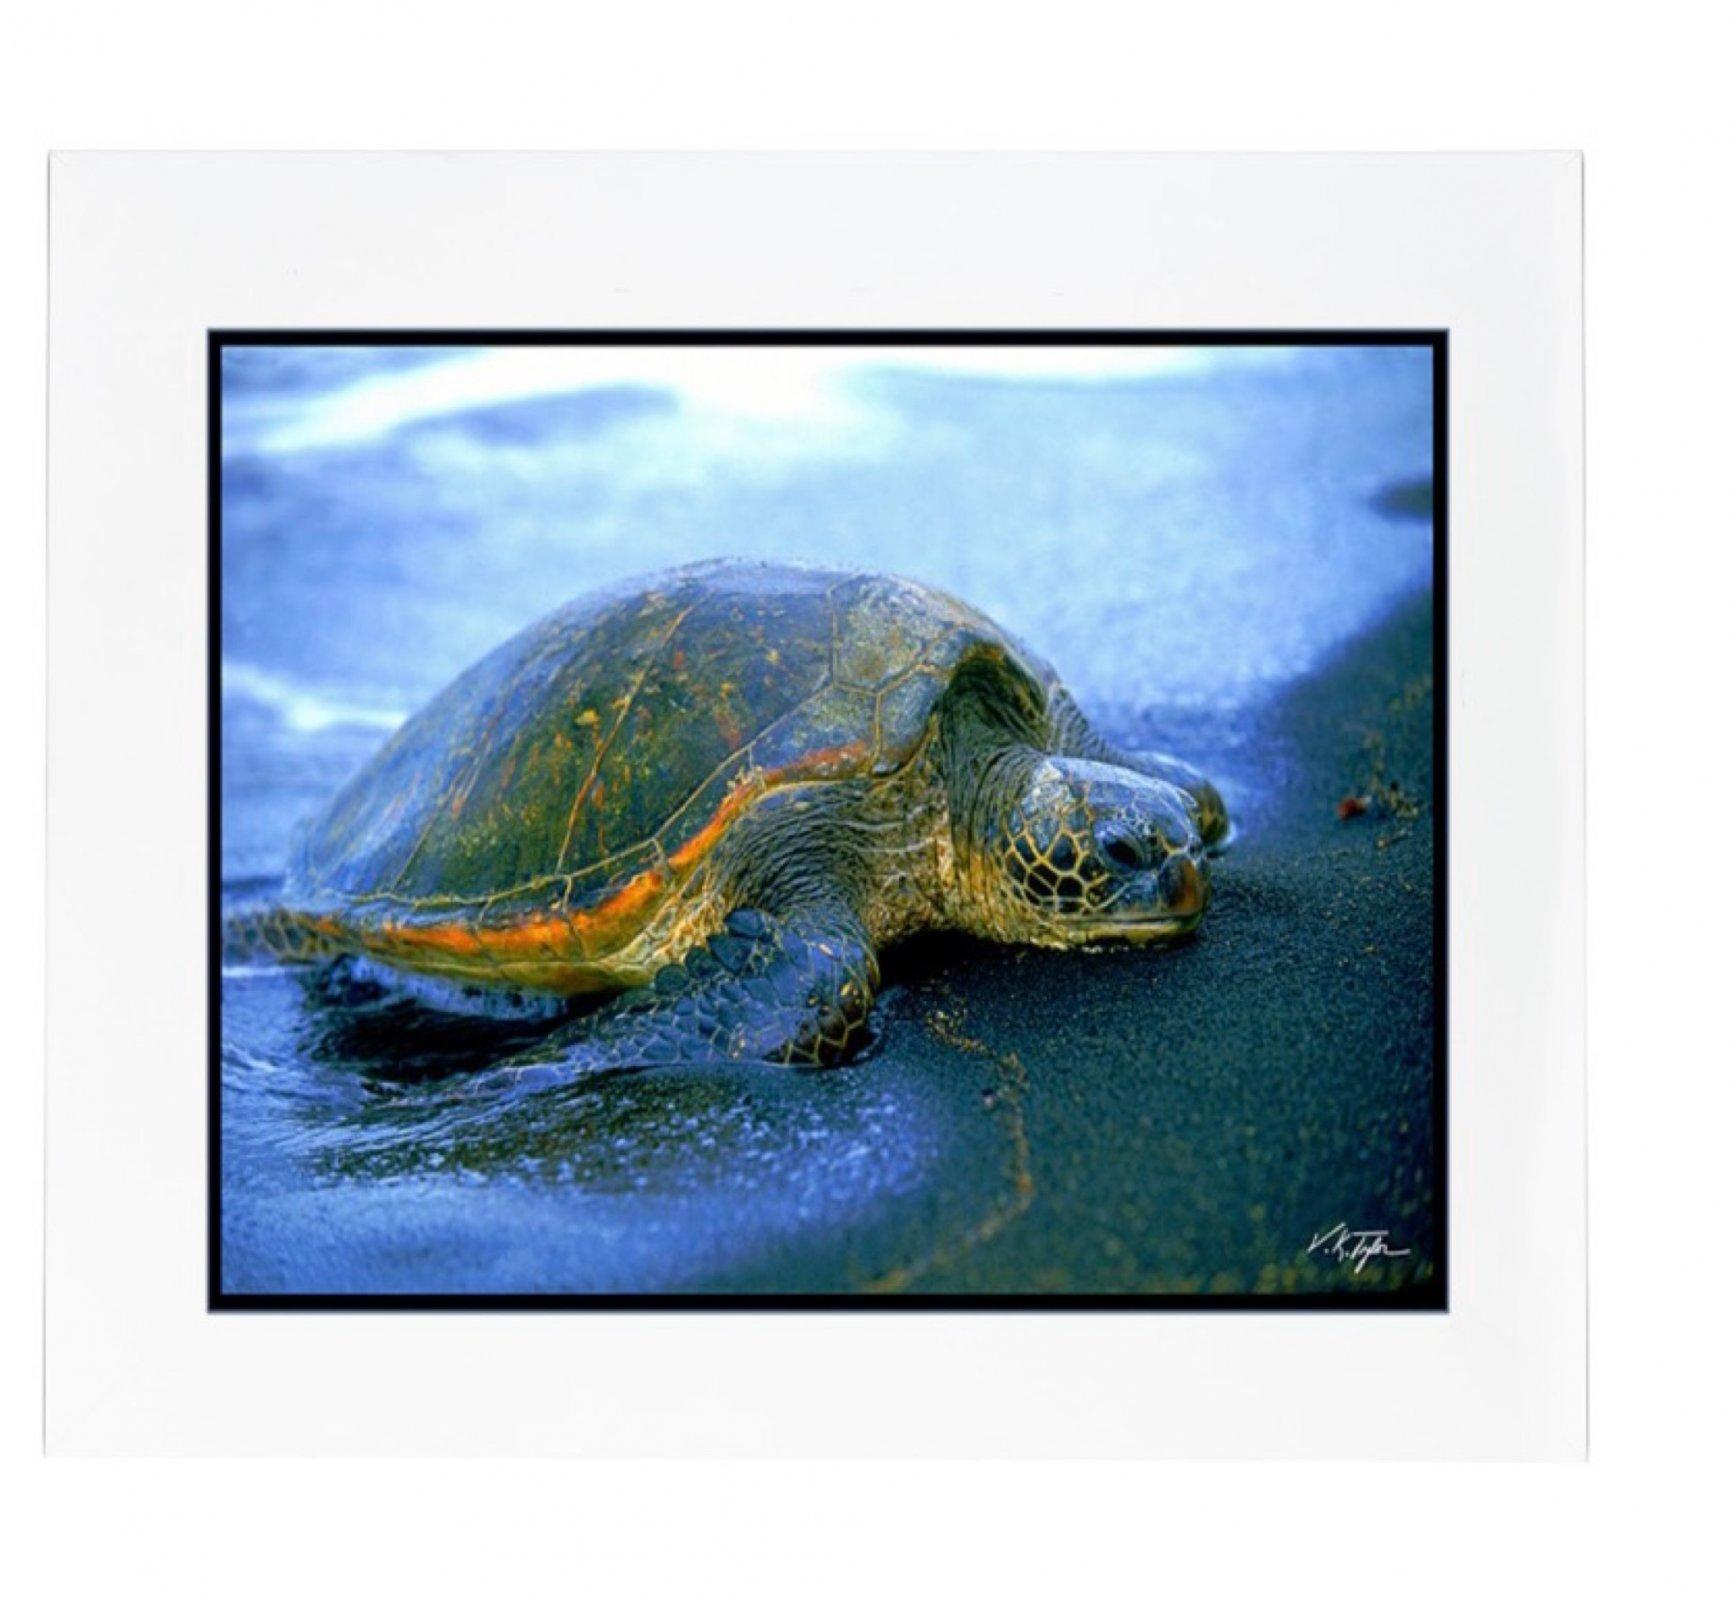 Photo > Sea Turtle on Black Sand Beach